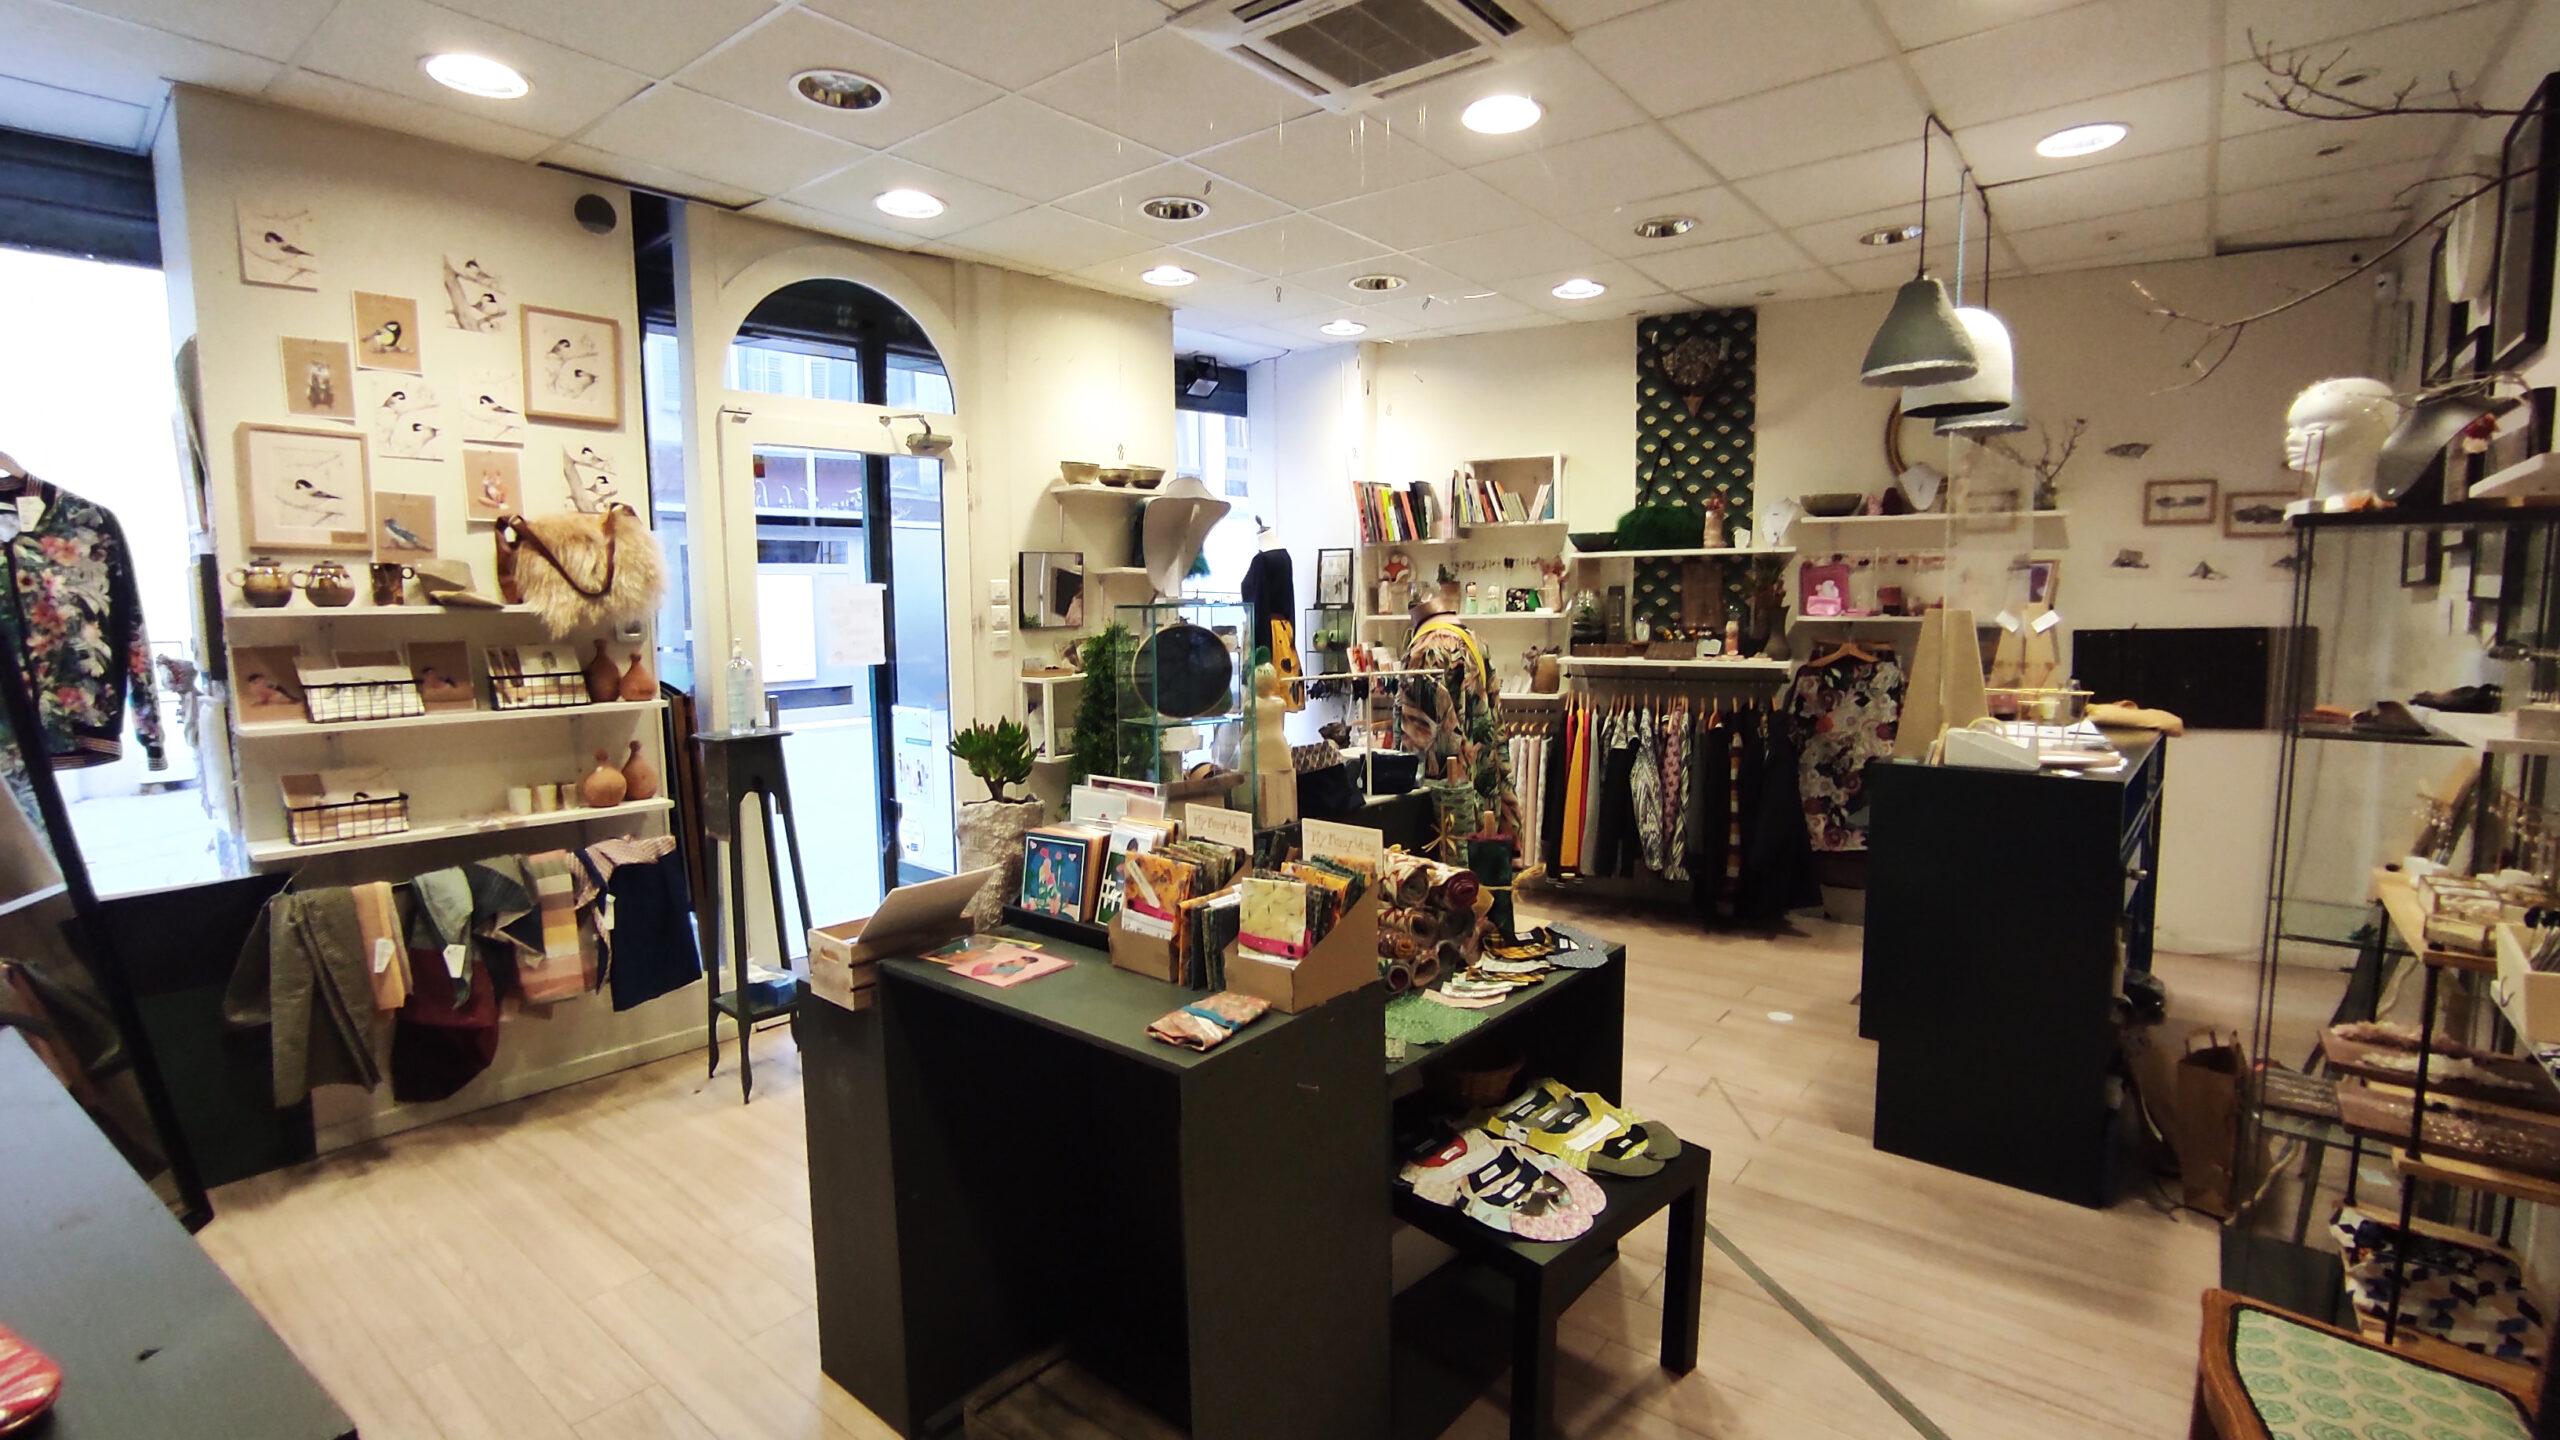 intérieur de la boutique La Femme à Barbe